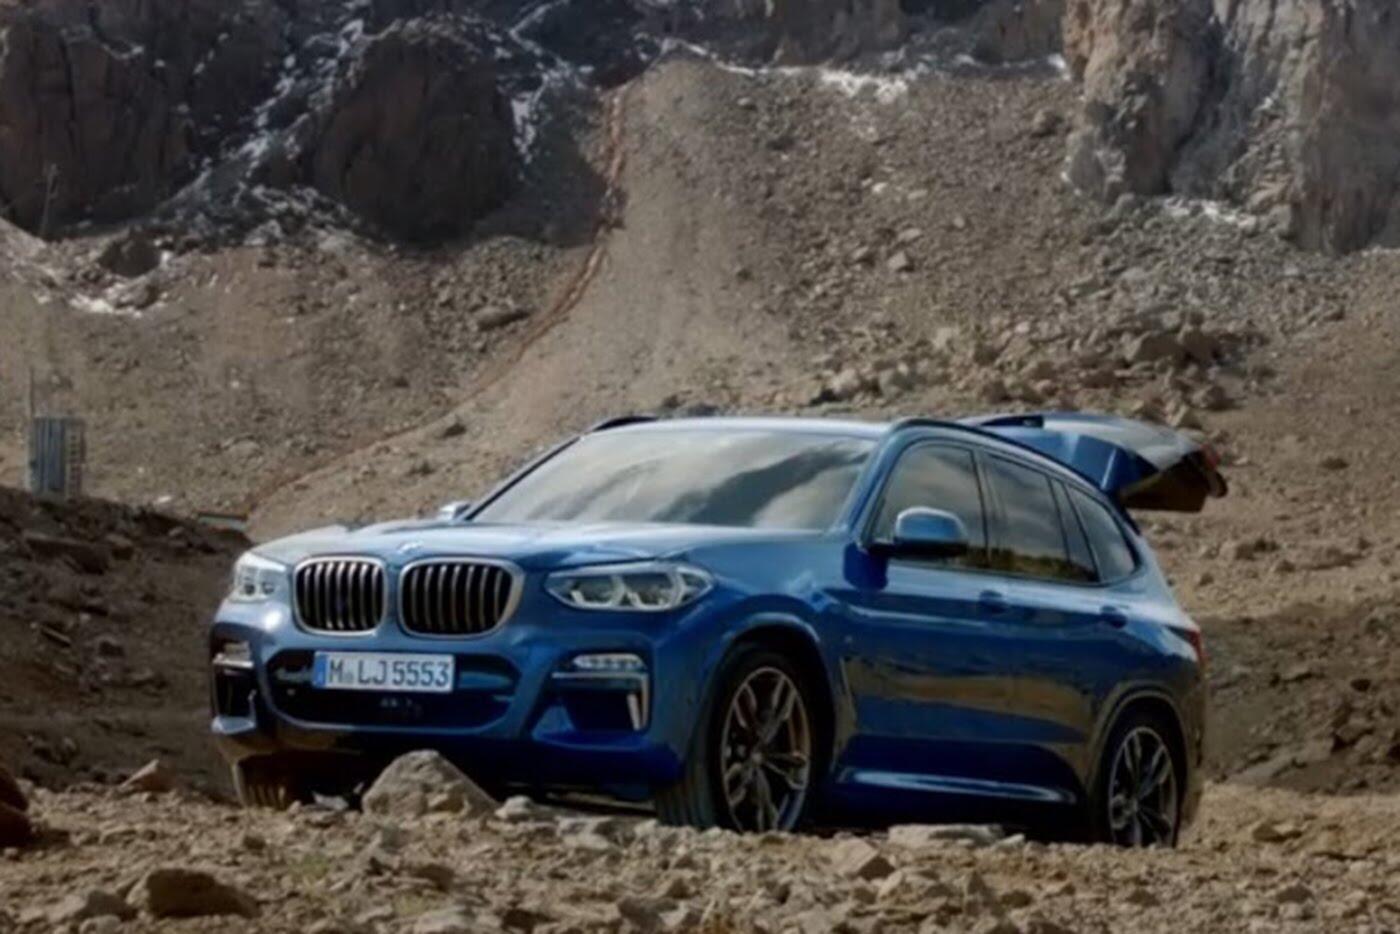 BMW X3 2018 hé lộ những hình ảnh chính thức đầu tiên - Hình 1